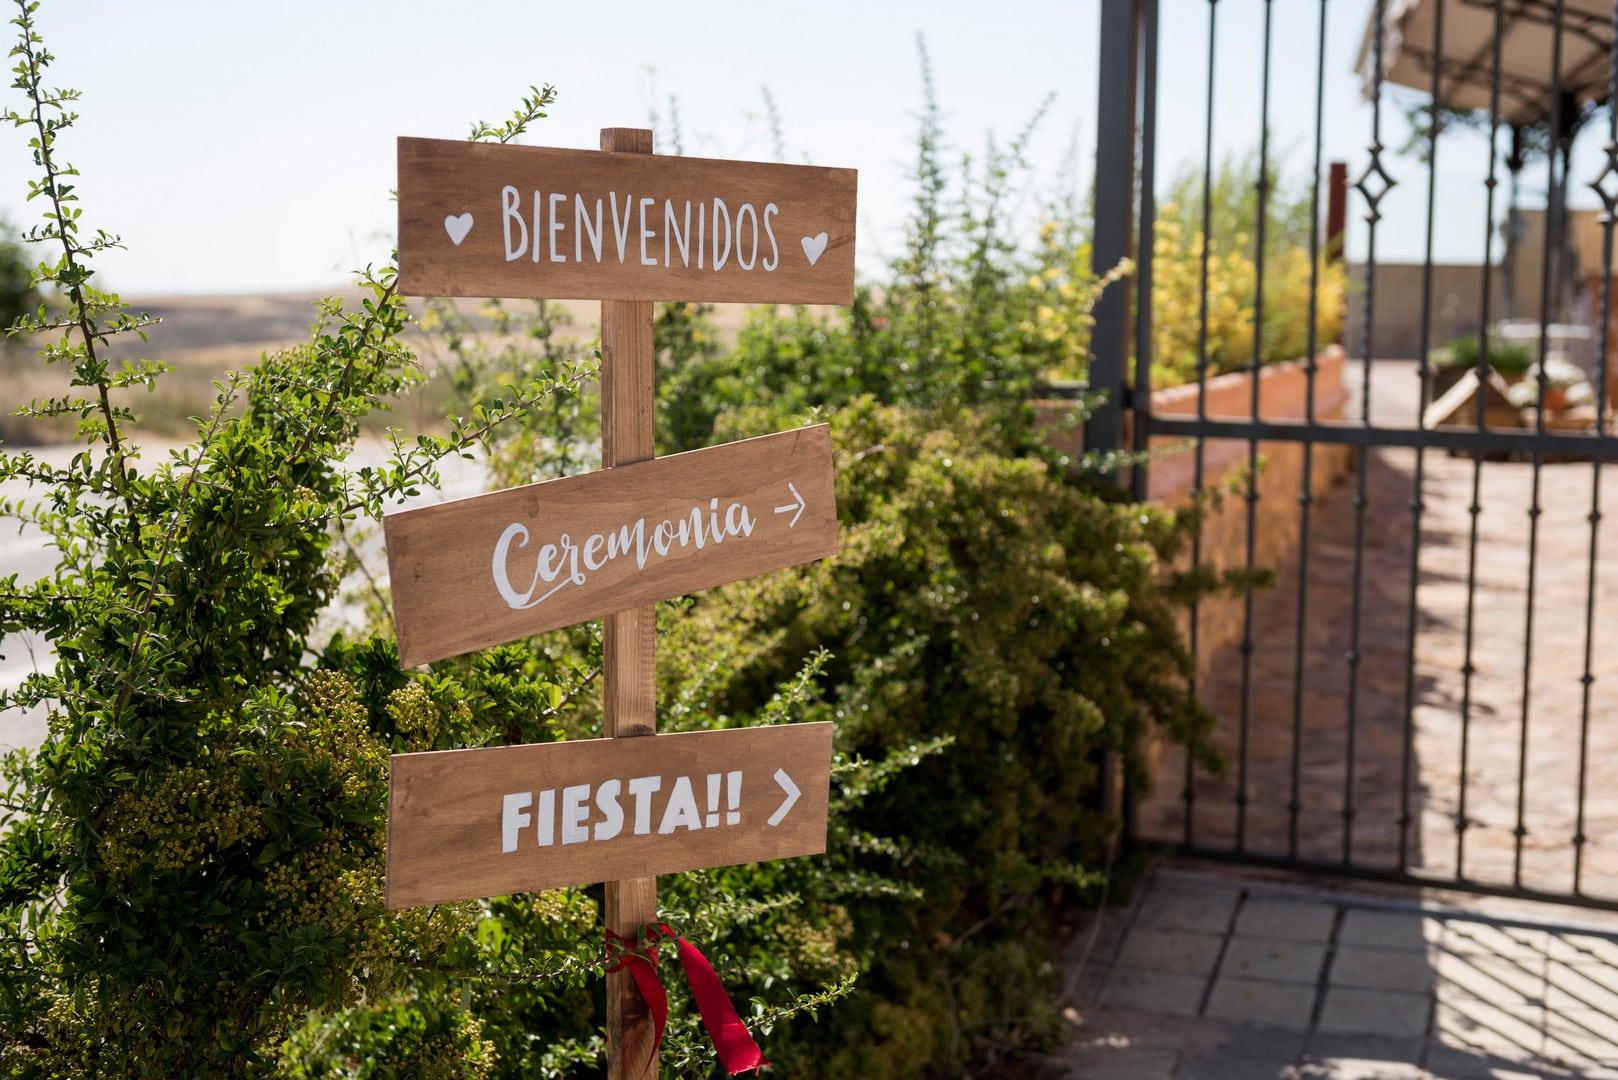 bienvenido totem ZAZU-boda-divertida-en-rojo-Segovia UNA BODA DIVERTIDA EN SEGOVIA